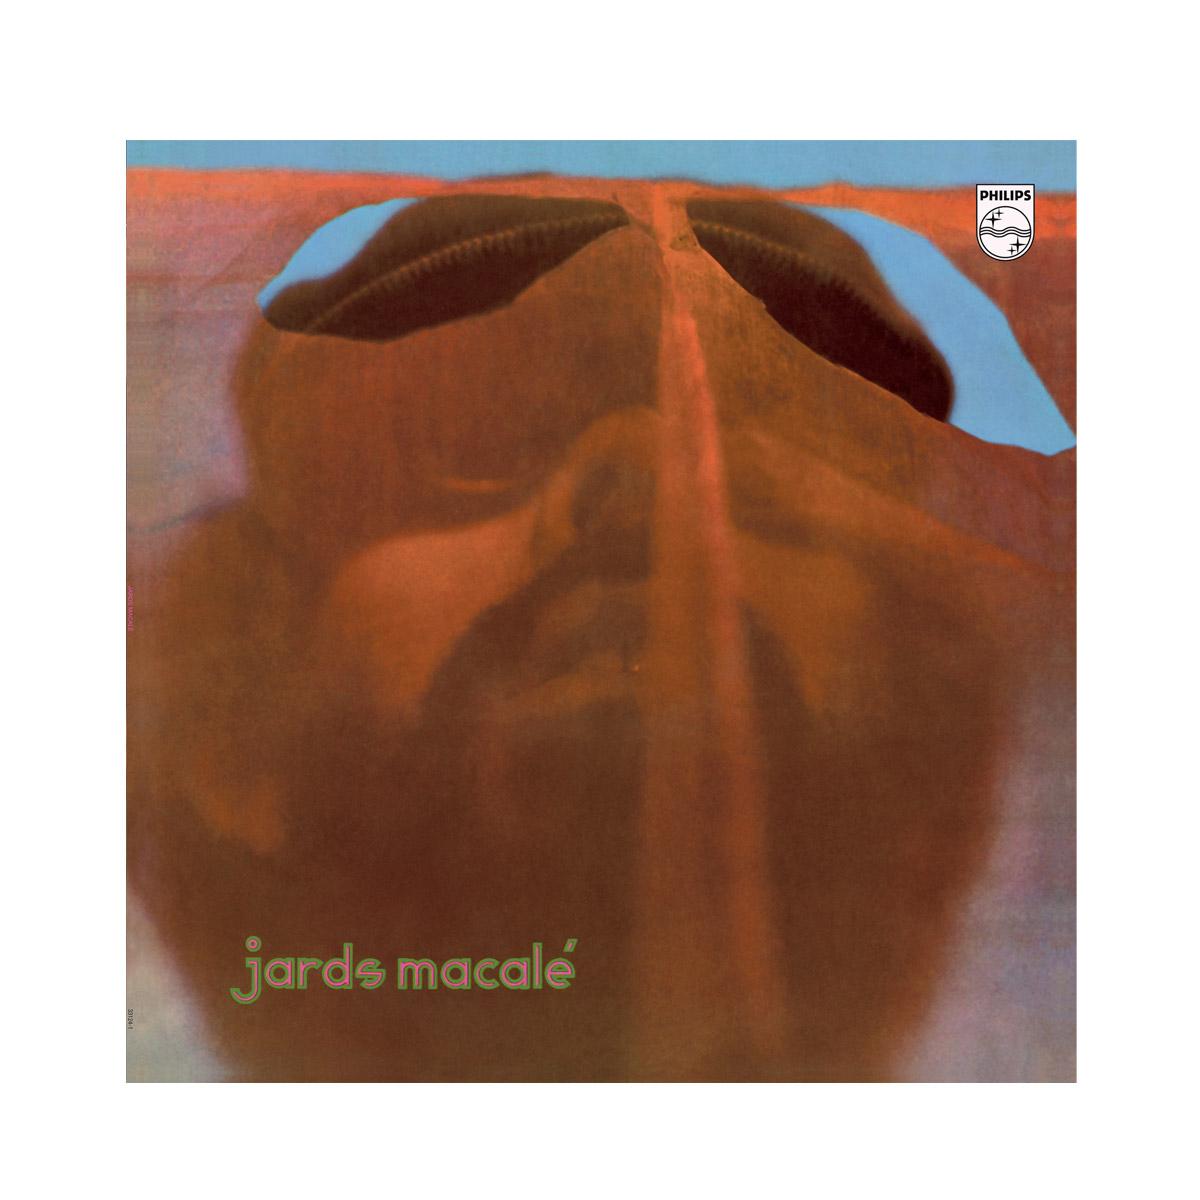 LP Jards Macalé